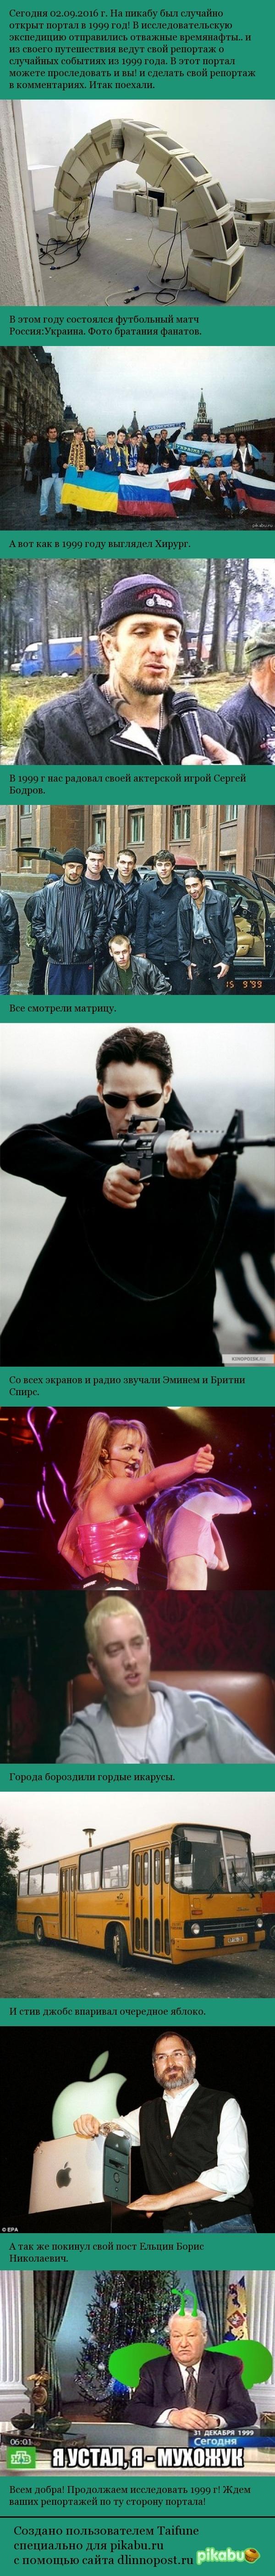 Портал... 1999, Portal, Путешествие во времени, Ностальгия, Мухожук, Длиннопост